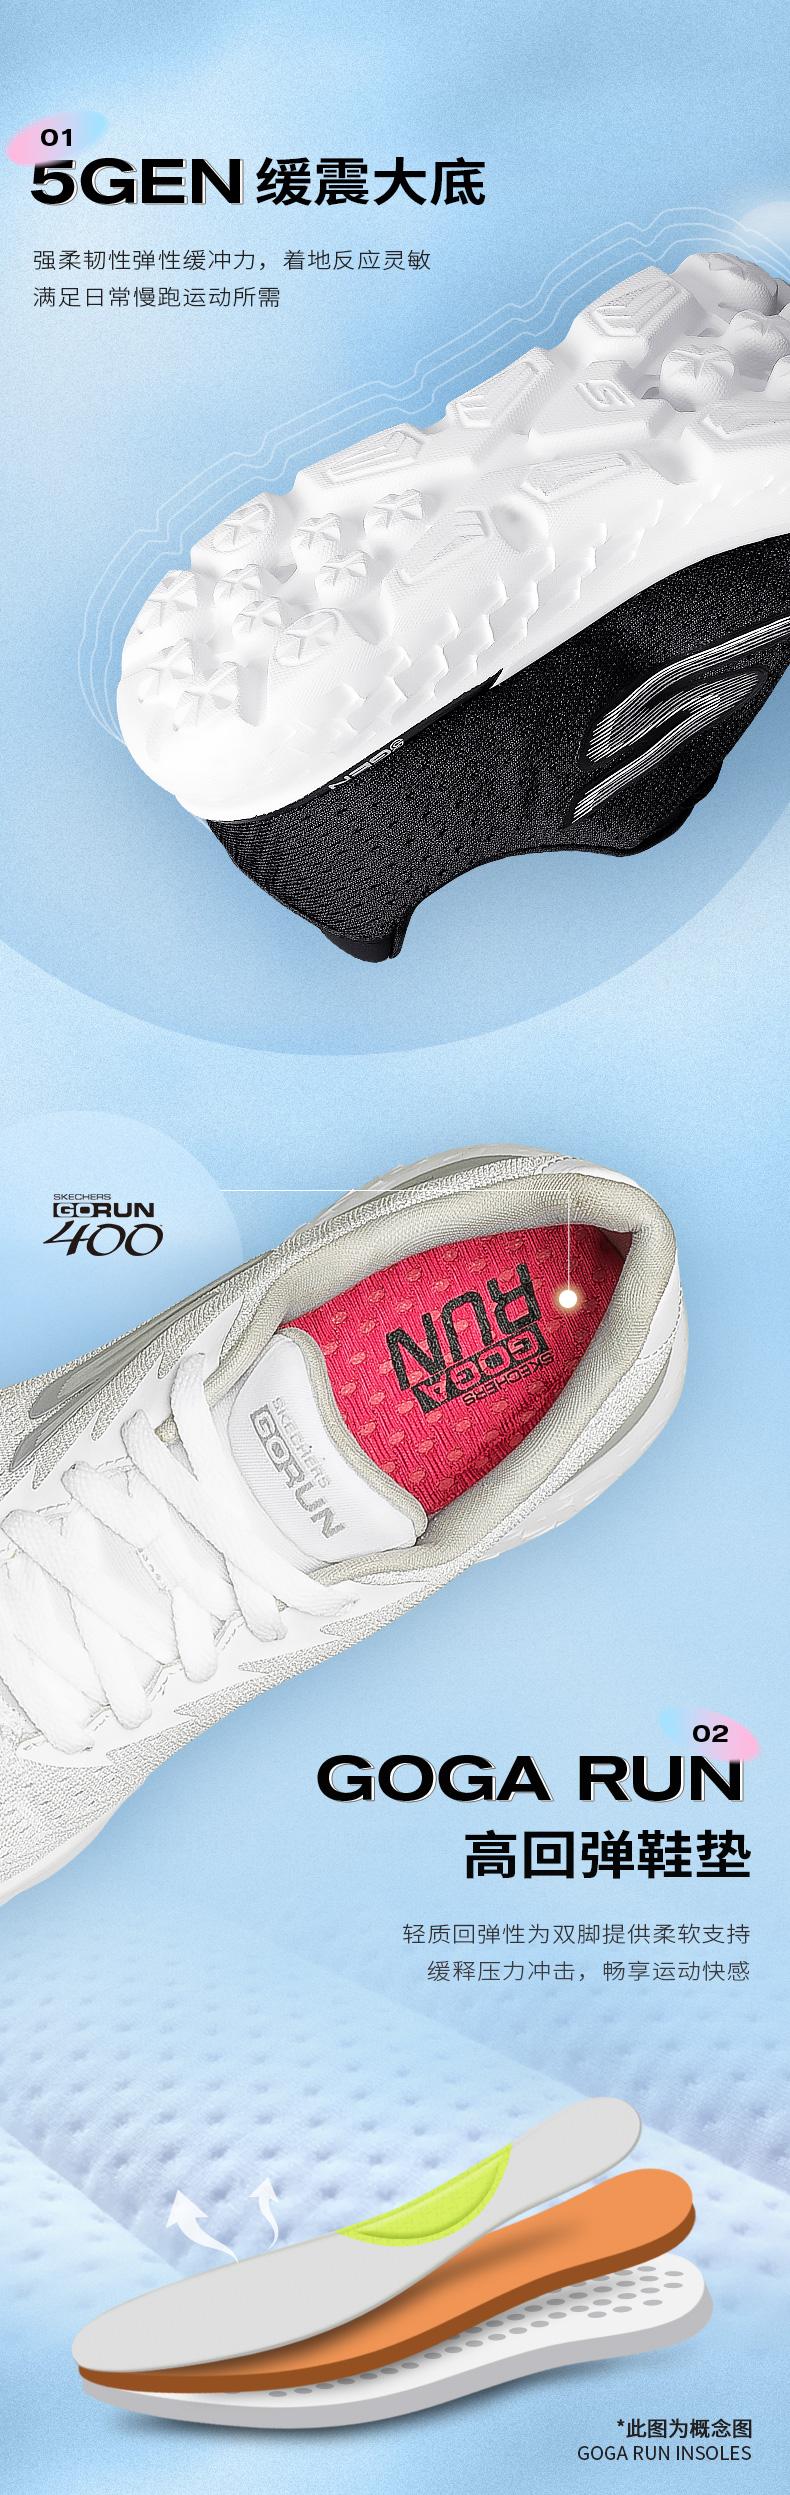 斯凯奇 Skechers Go Run 400 男女缓震跑步鞋 运动休闲鞋 图5